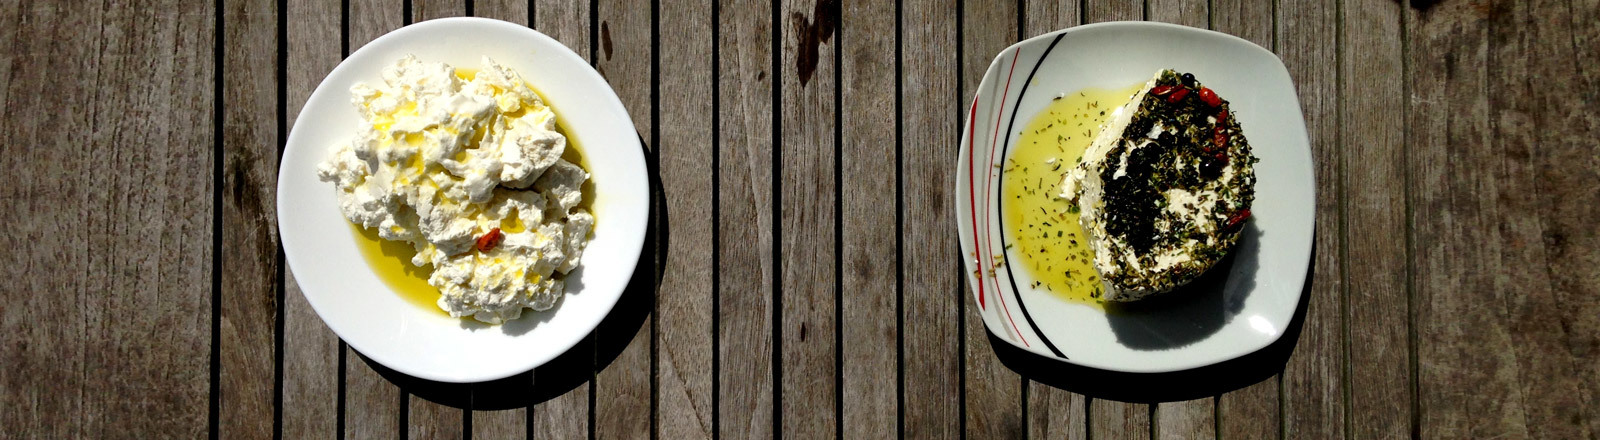 Zwei selbst gemachte Käsesorten auf jeweils einem Teller